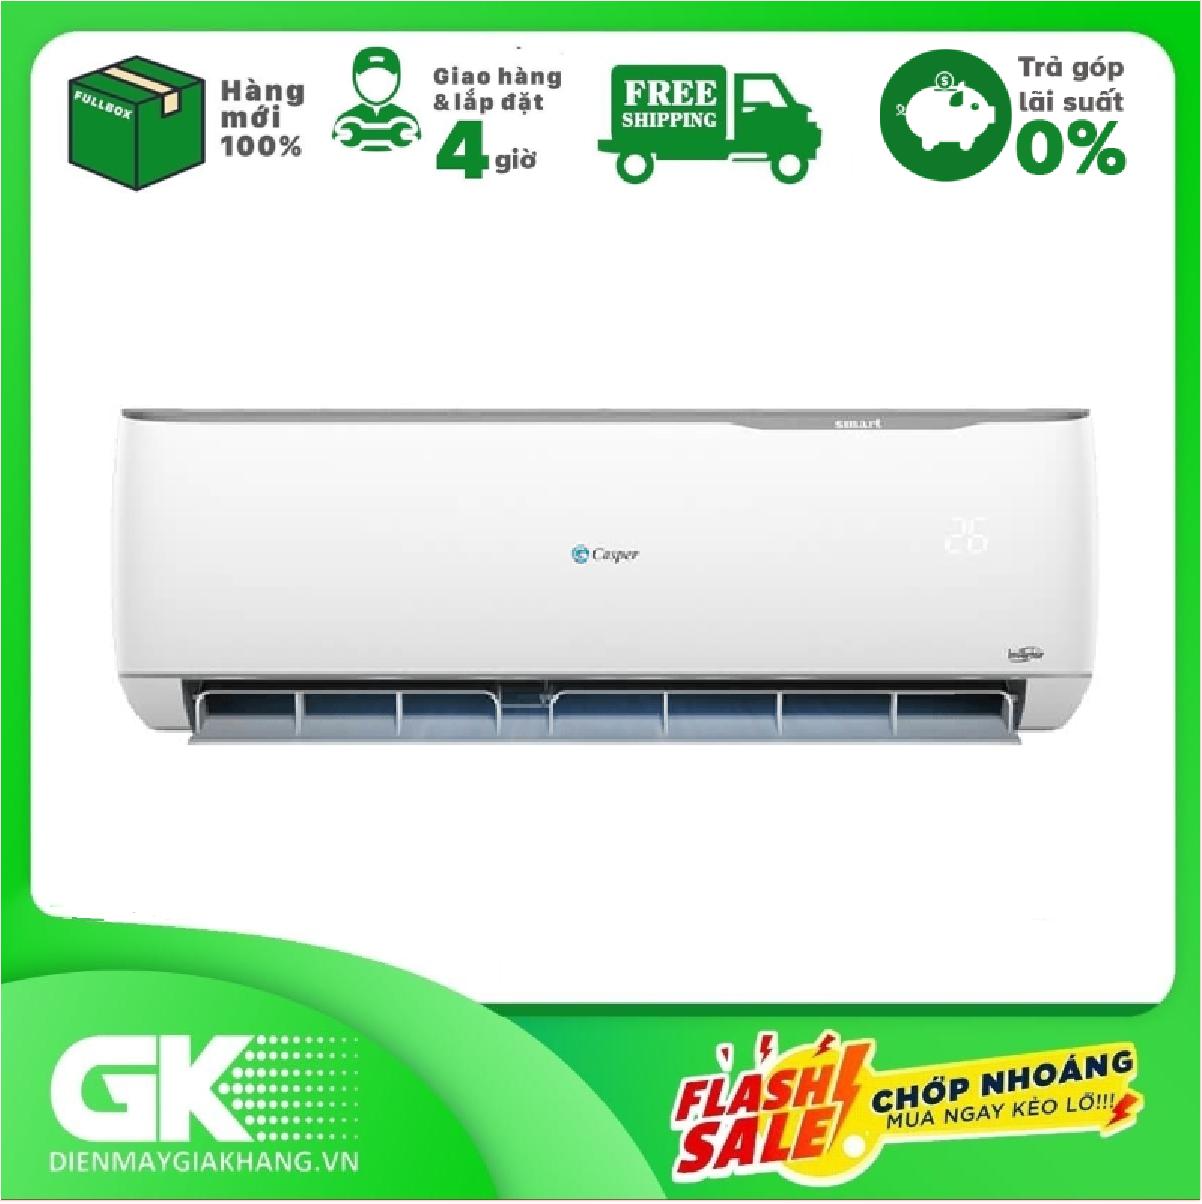 TRẢ GÓP 0% – Máy lạnh Casper Inverter 1.5 HP GC-12TL32 , mẫu mới 2020 – BTRẢo hành 36 tháng